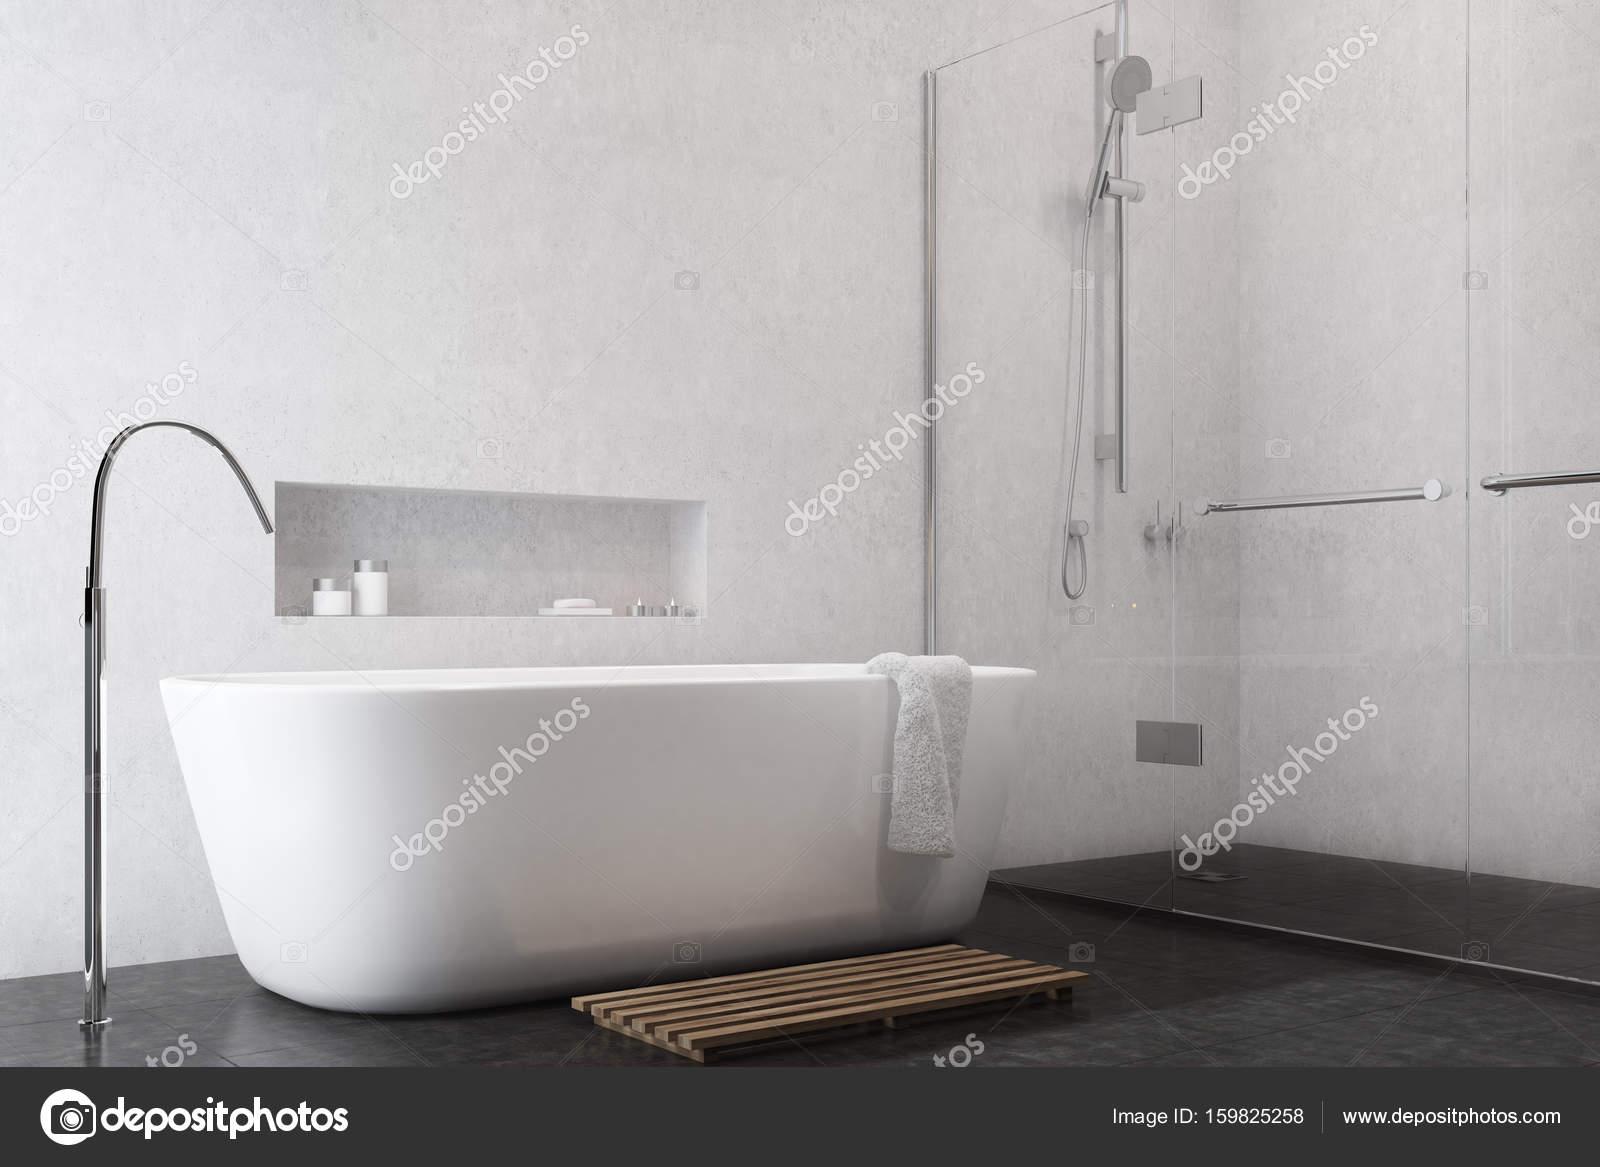 Weiße Badezimmer Interieur Mit Schwarzer Boden, Eine Dusche Mit Glastüren,  Eine Weiße Wanne Und Ein Regal über Es. 3D Rendering Mock Up U2014 Foto Von ...